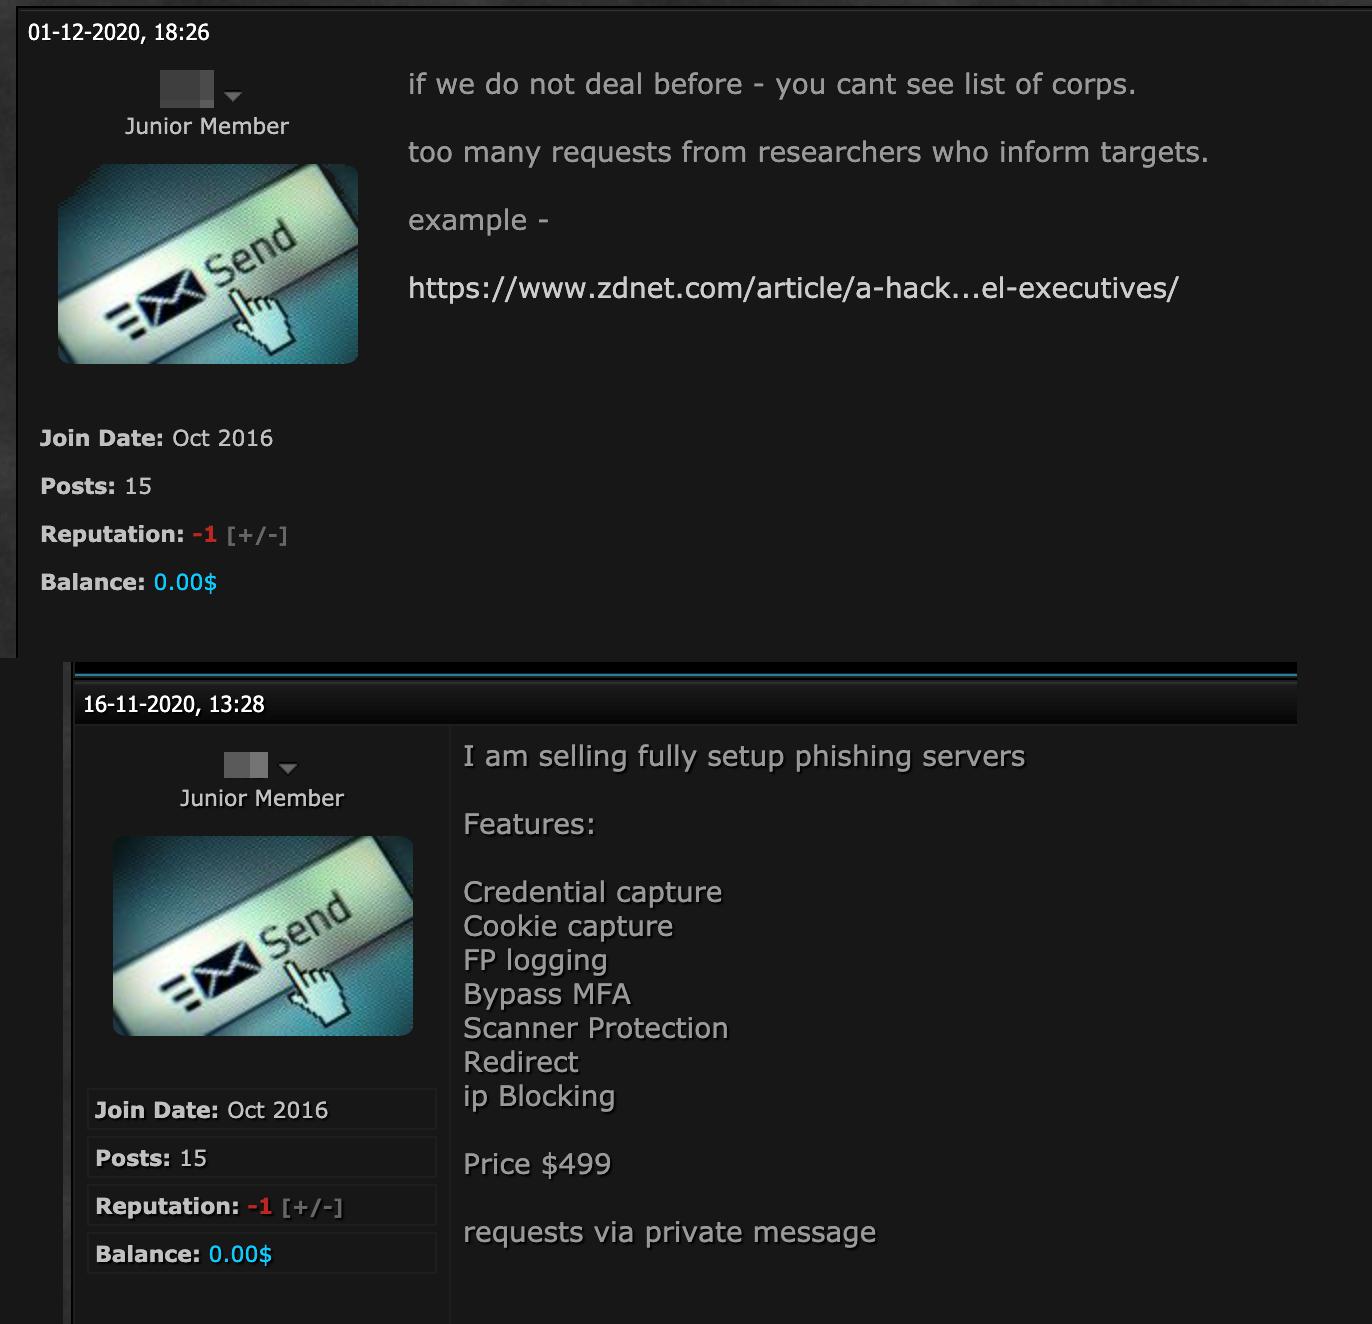 圖17. 地下賣方對與誰交易的聲明(上),另一則出售網路釣魚惡意軟體的貼文(下)。